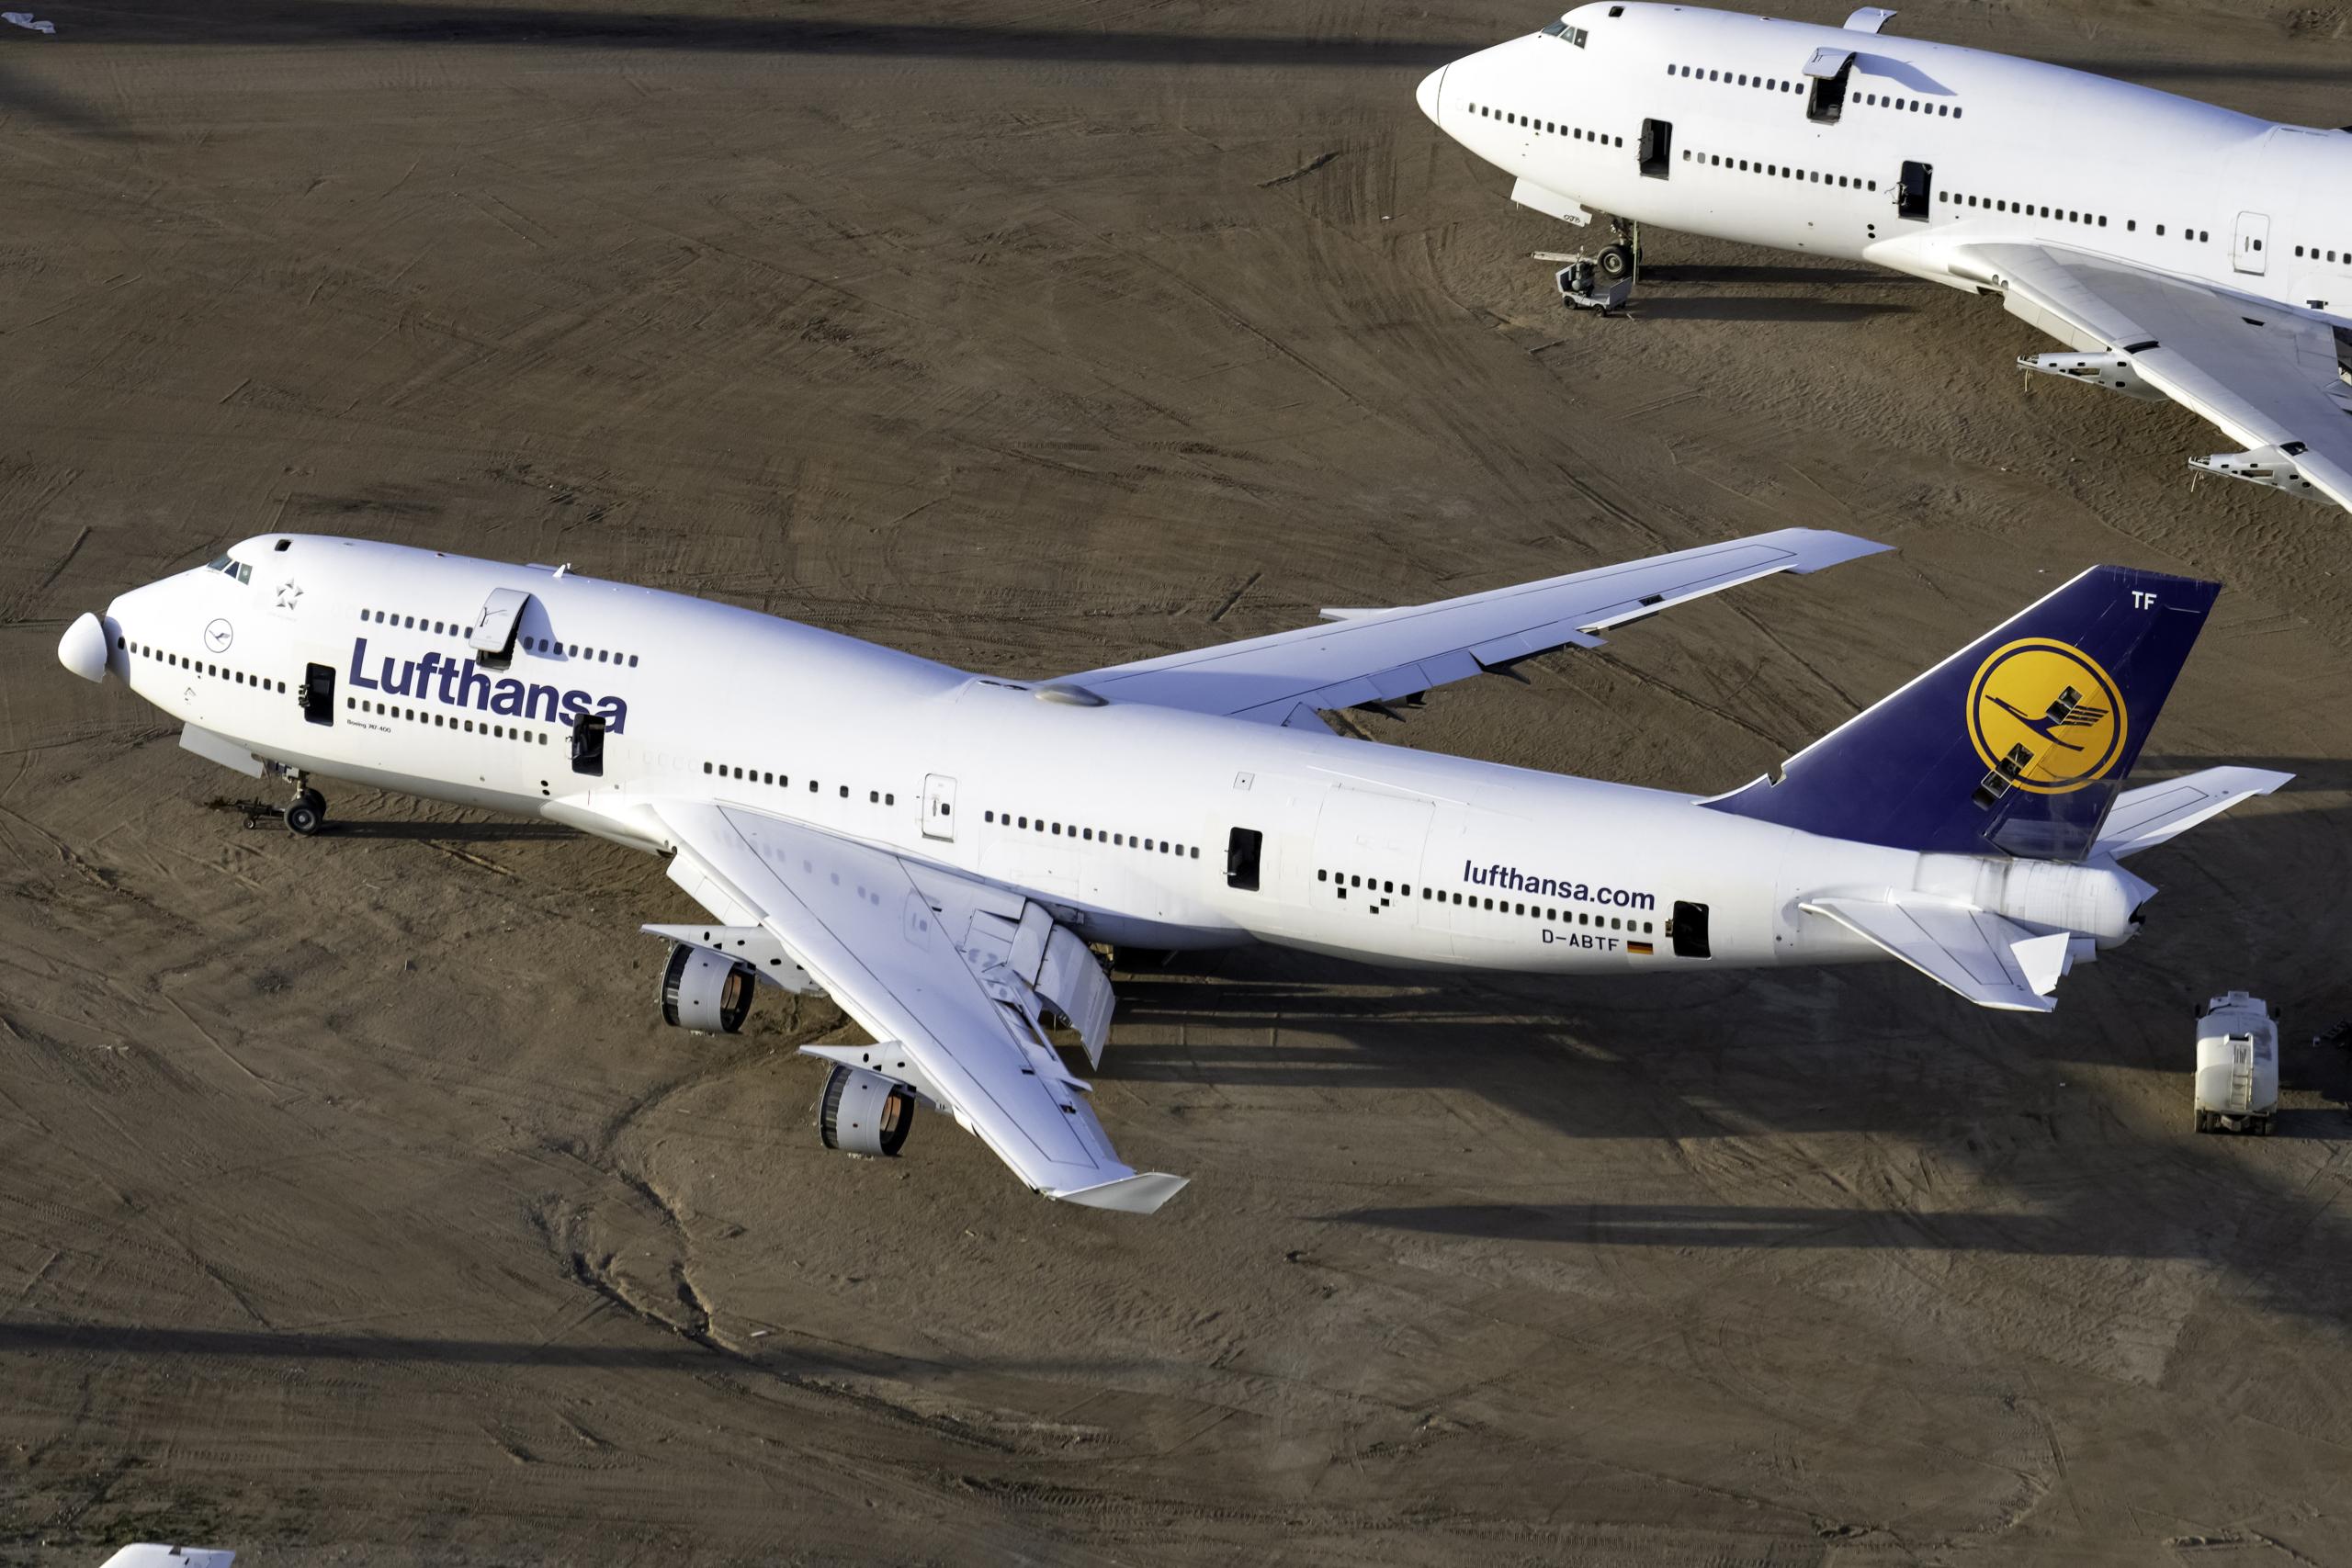 Lufthansa, Boeing 747-400, recalled